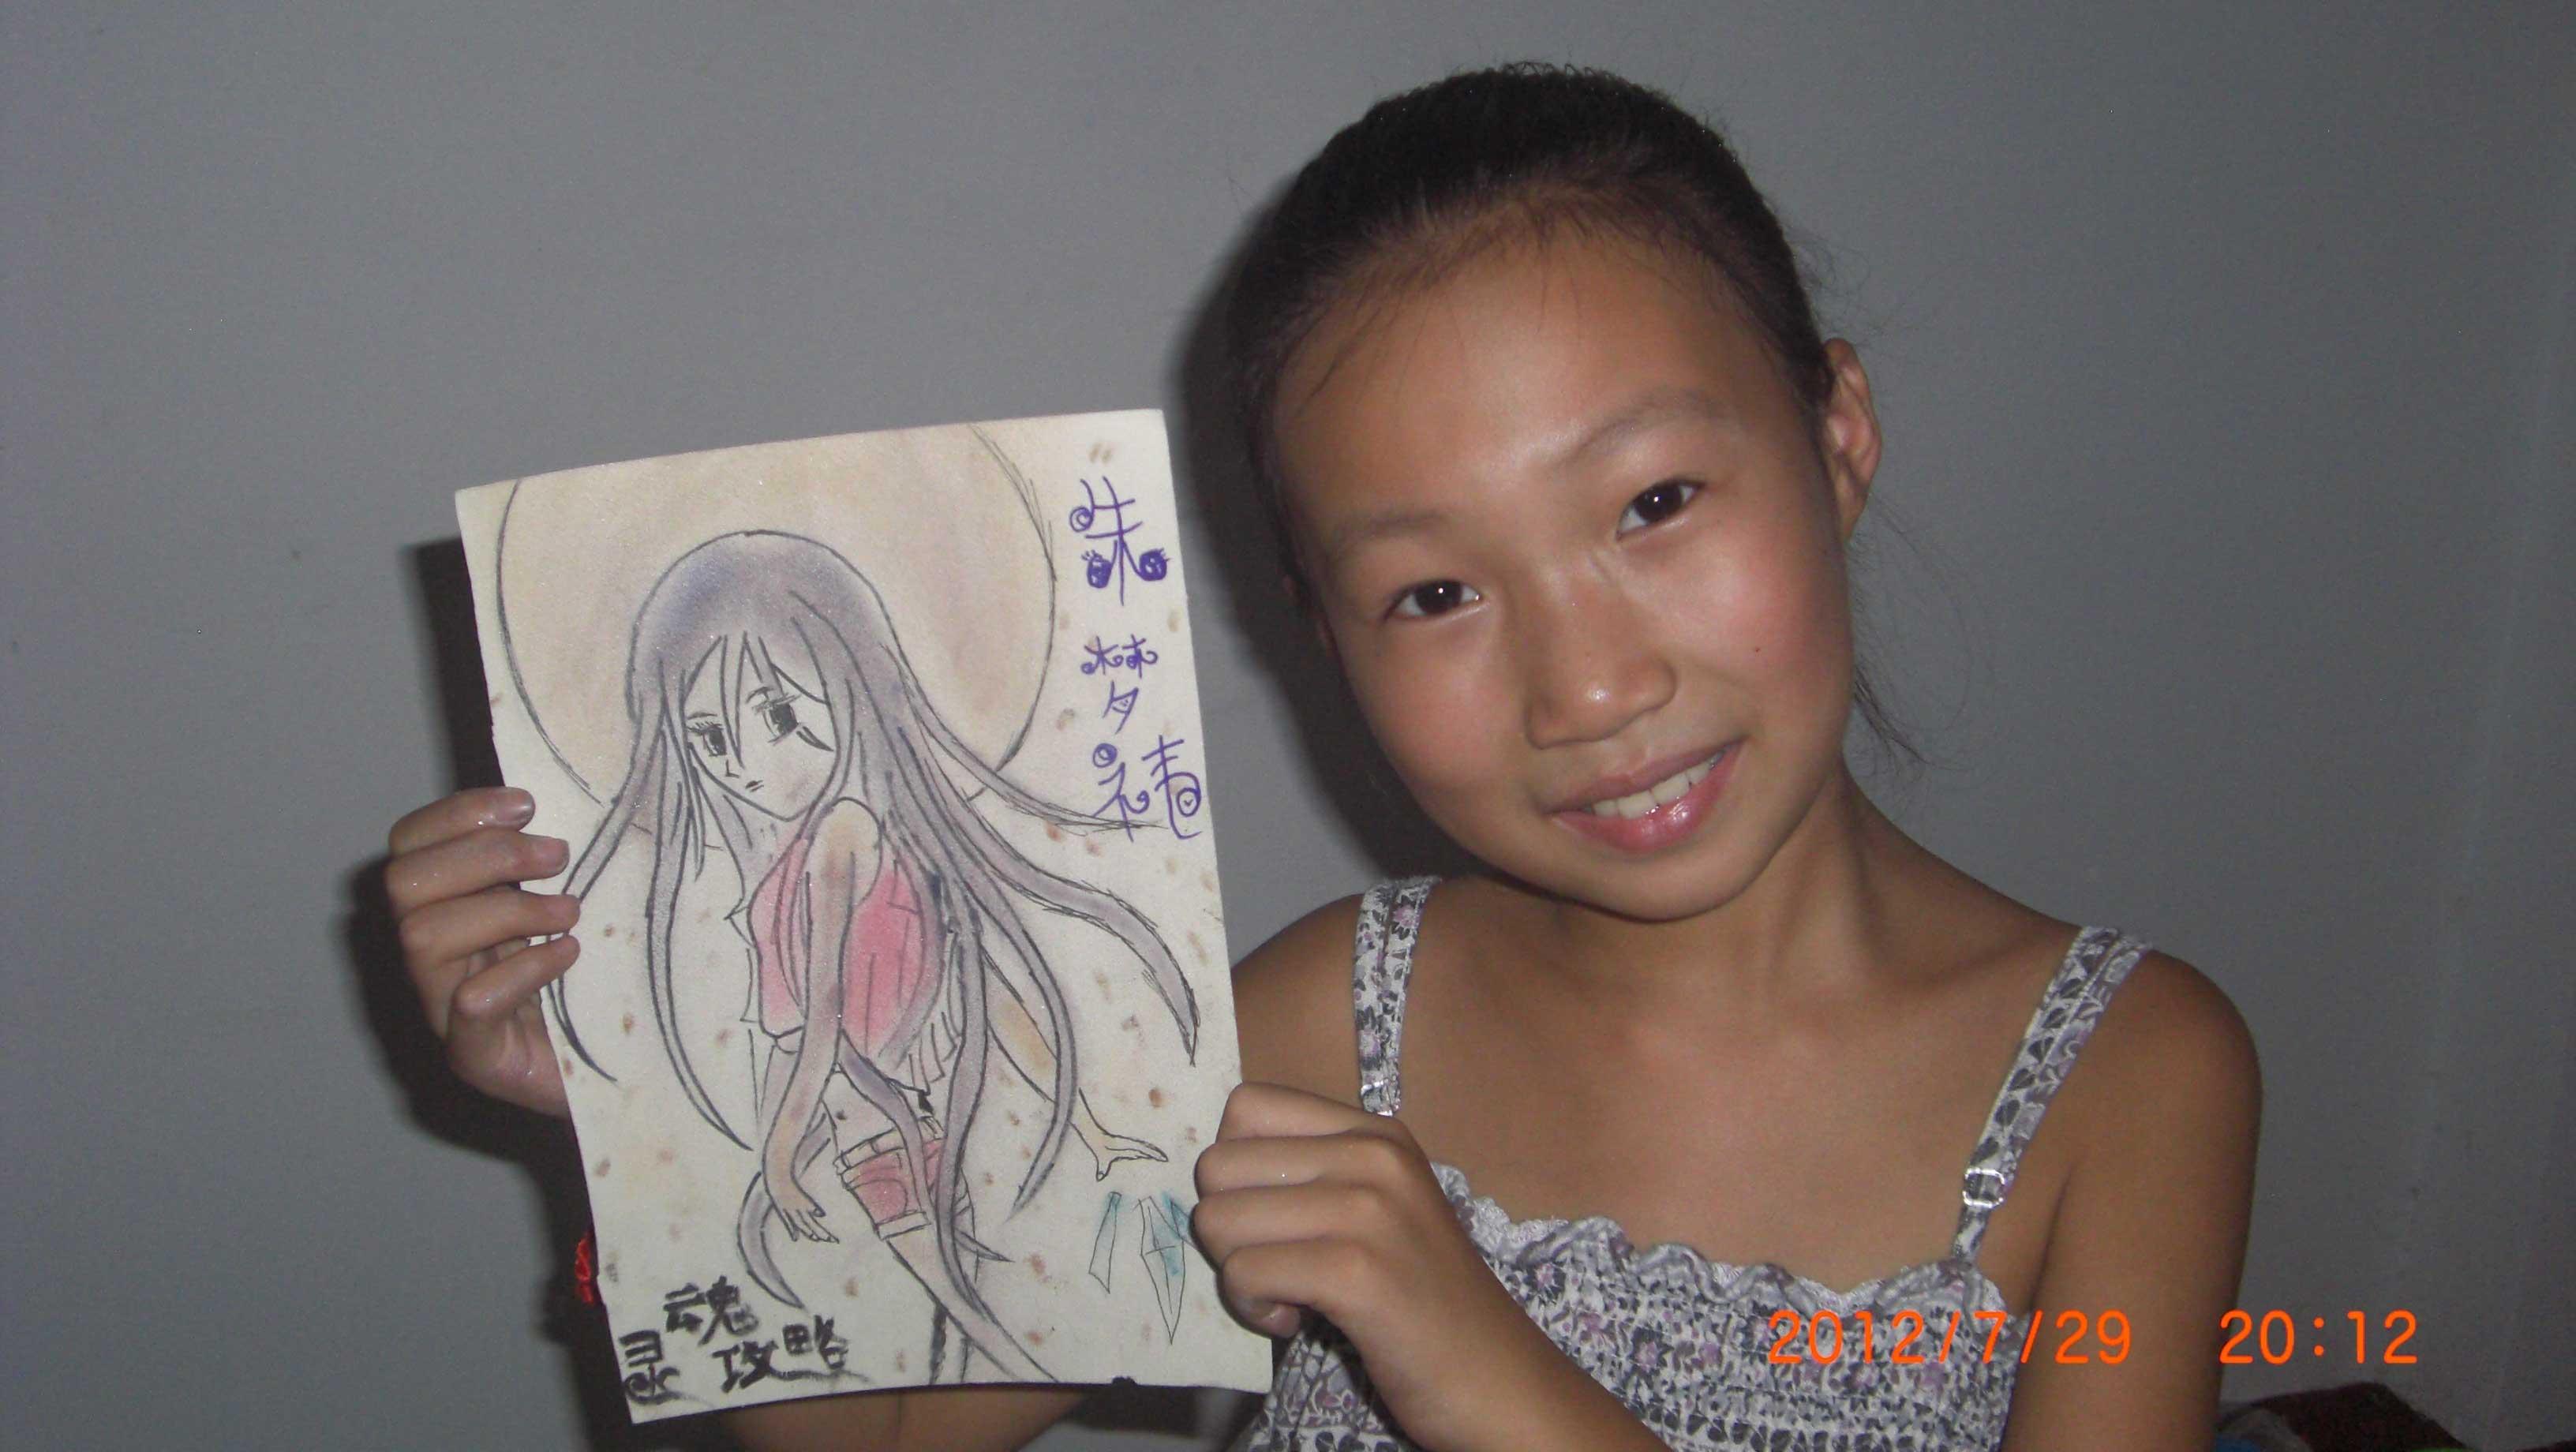 朱梦祎:小小的她用铅笔描绘出一个面容俊美的少女,飘逸的头发散发出女孩的青春气息。     朱梦祎是个细心的小女孩,一笔一笔的使画面丰富起来,一点一点的使画面的少女鲜活起来。     朱梦祎是个追求完美的小女孩,作品完成后,还细心的用剪刀一点一点的把画纸的毛边剪下来 &nbsp (注:视频由家长录制,中牟网后期剪辑)